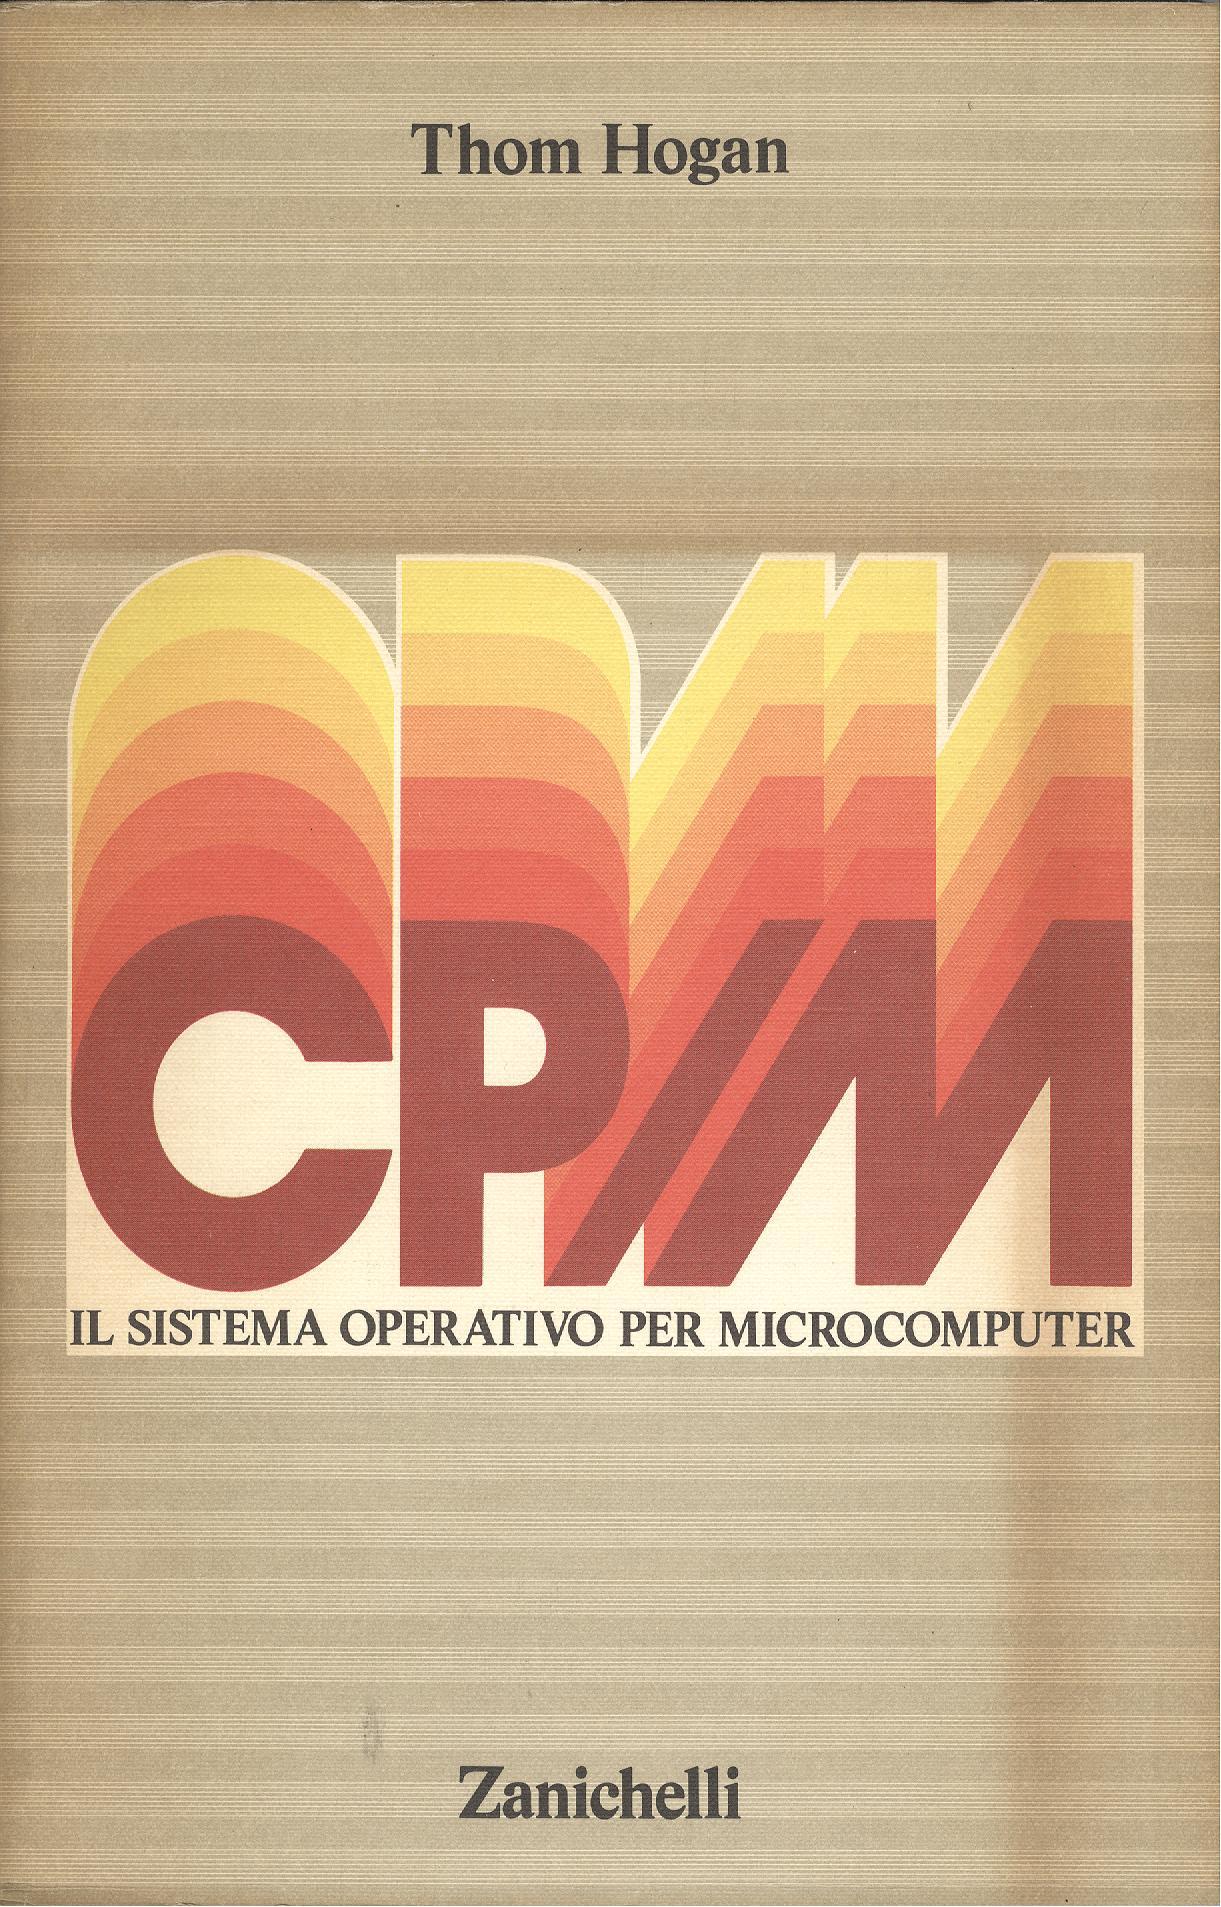 CP/M Il sistema operativo per microcomputer